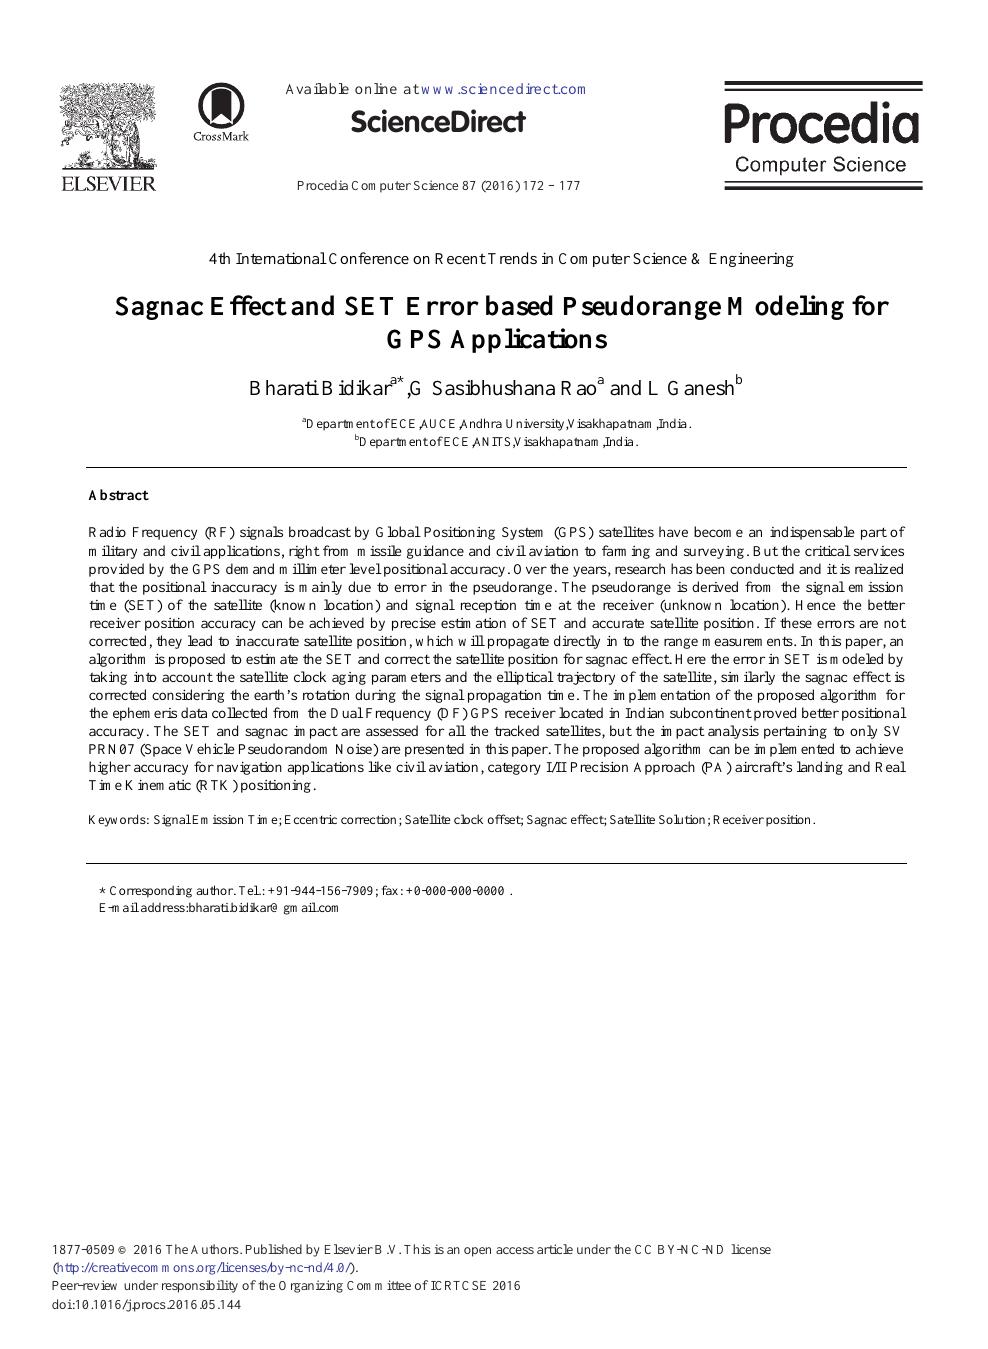 Sagnac Effect and SET Error Based Pseudorange Modeling for GPS